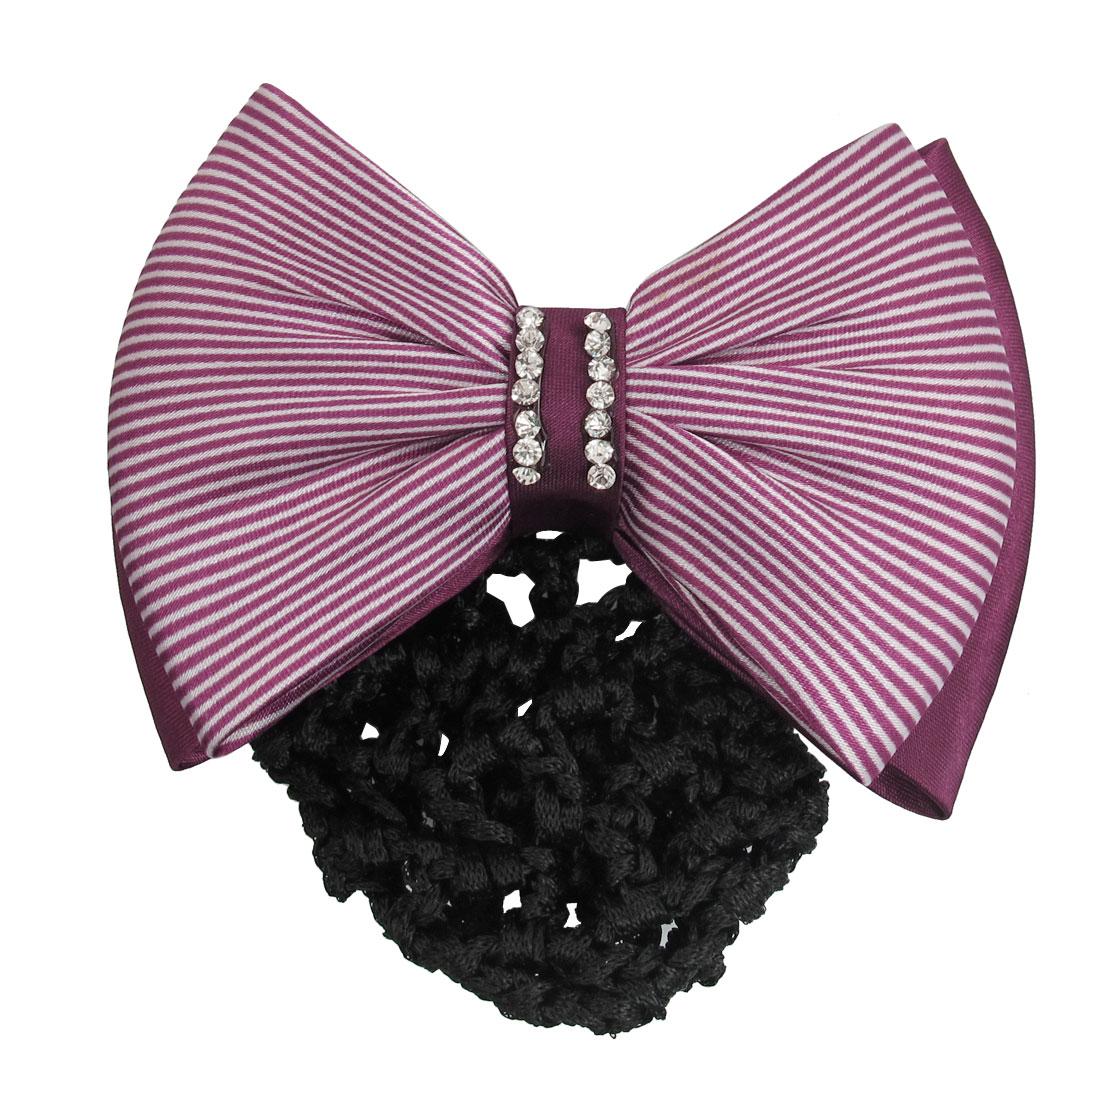 Black Velvet Burgundy Striped Polyester Bowknot Hair Clip w Snood Net